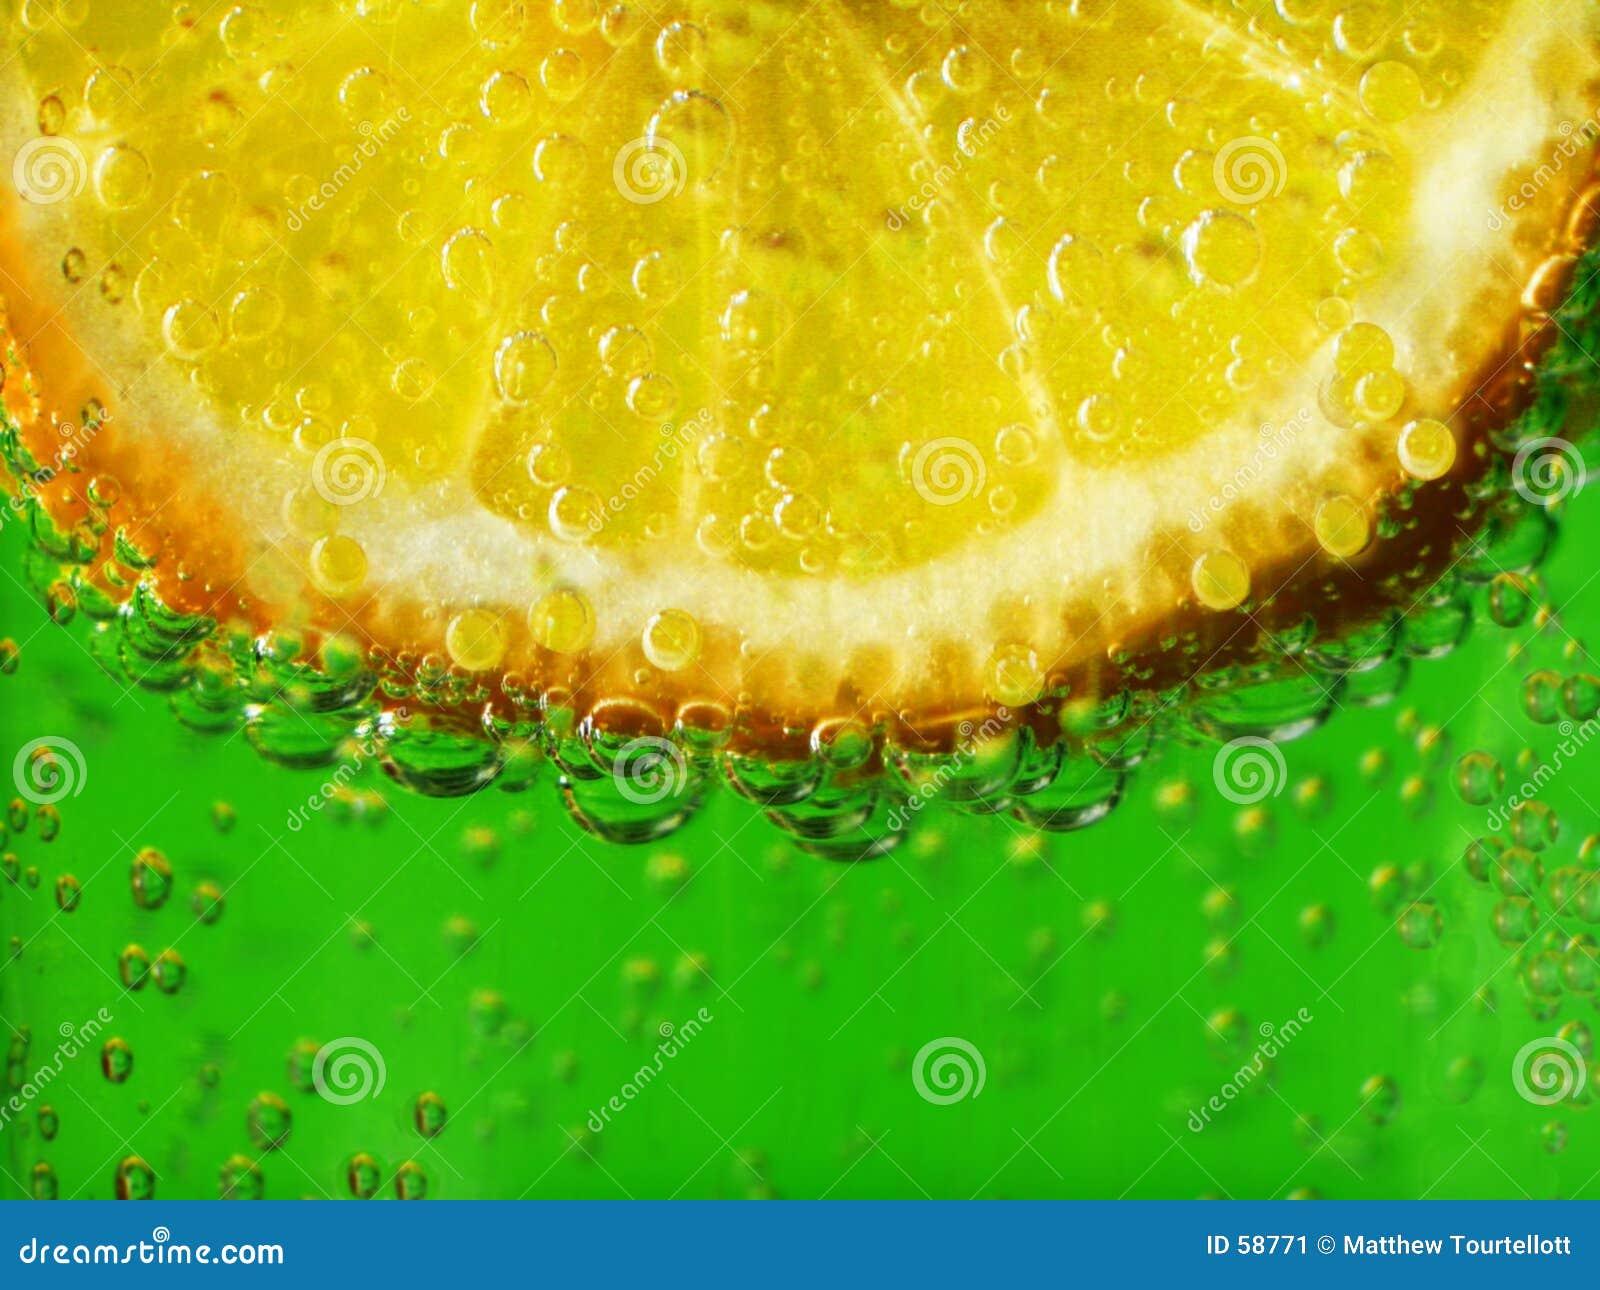 Download Citron Dans L'eau 1 De Pétillement Image stock - Image du pétillement, citronnade: 58771